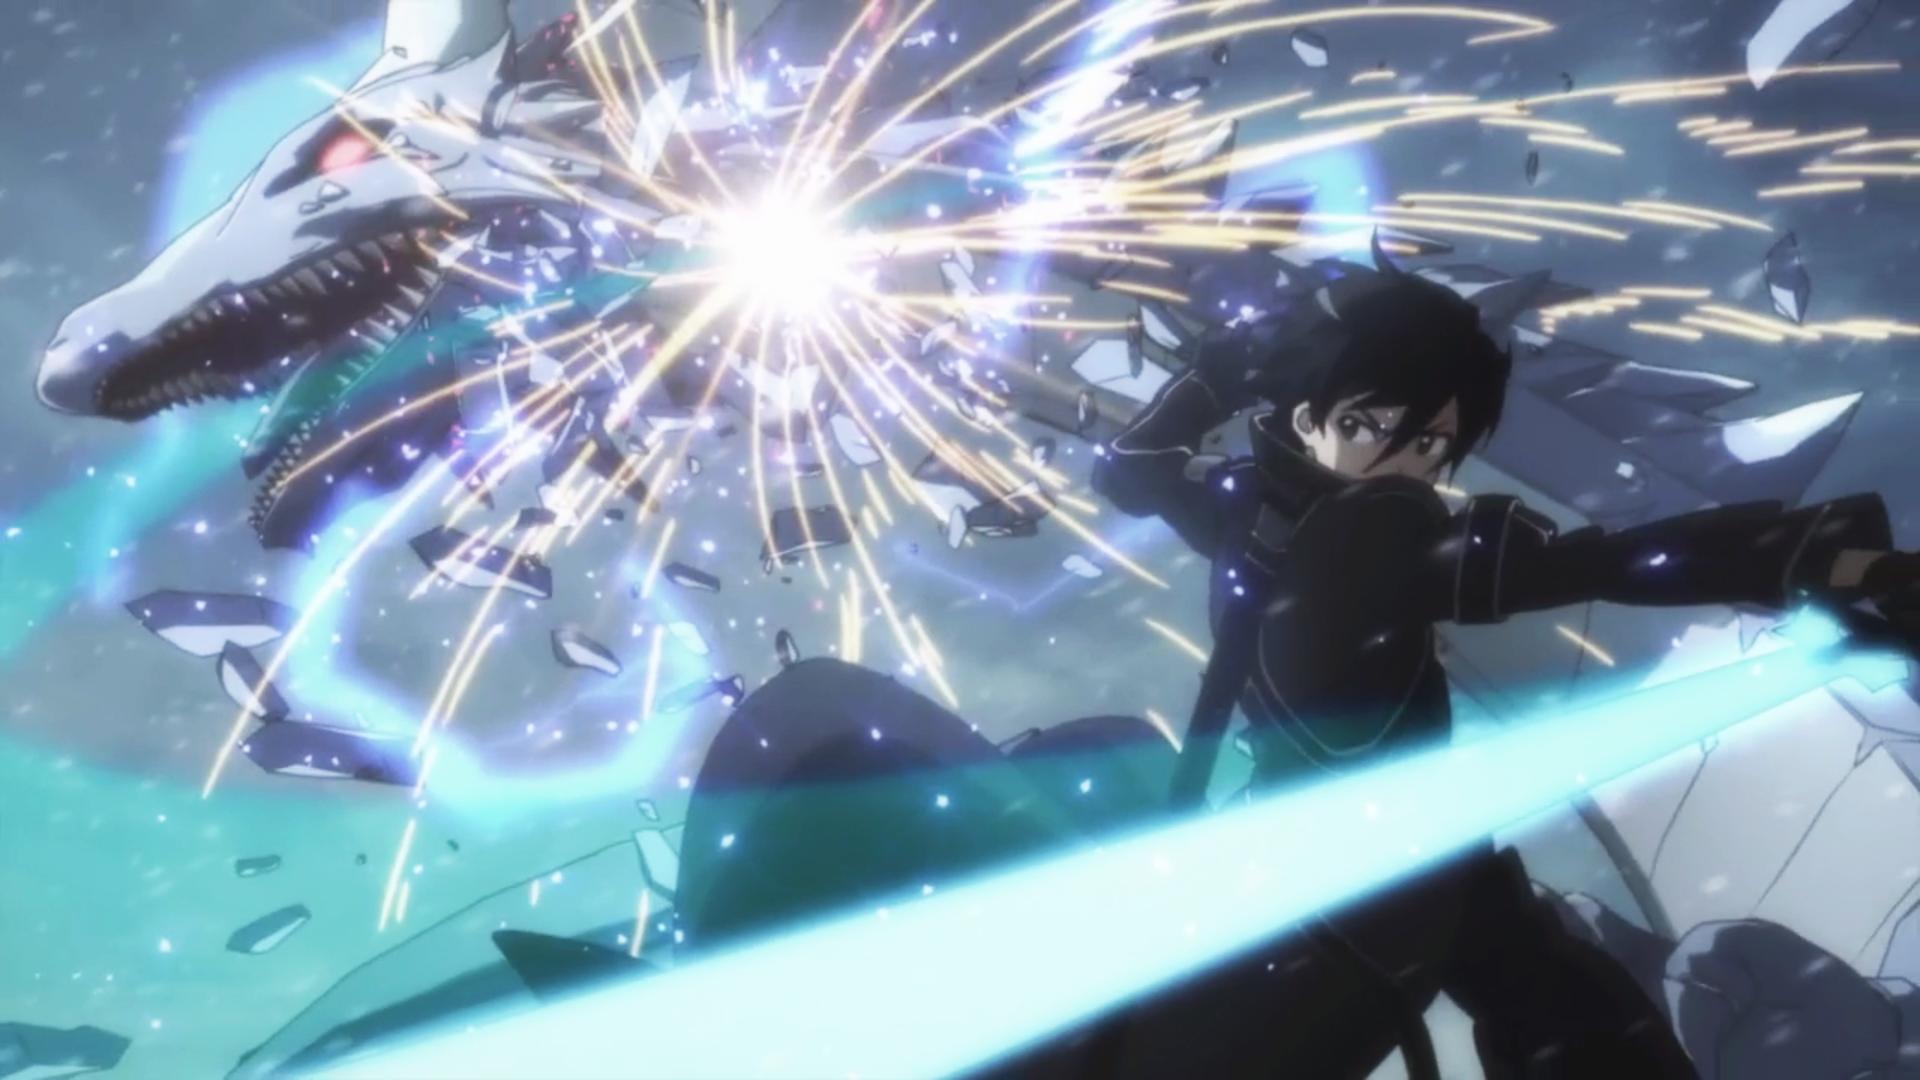 Kirito Fighting Xrphan The White Wyrm